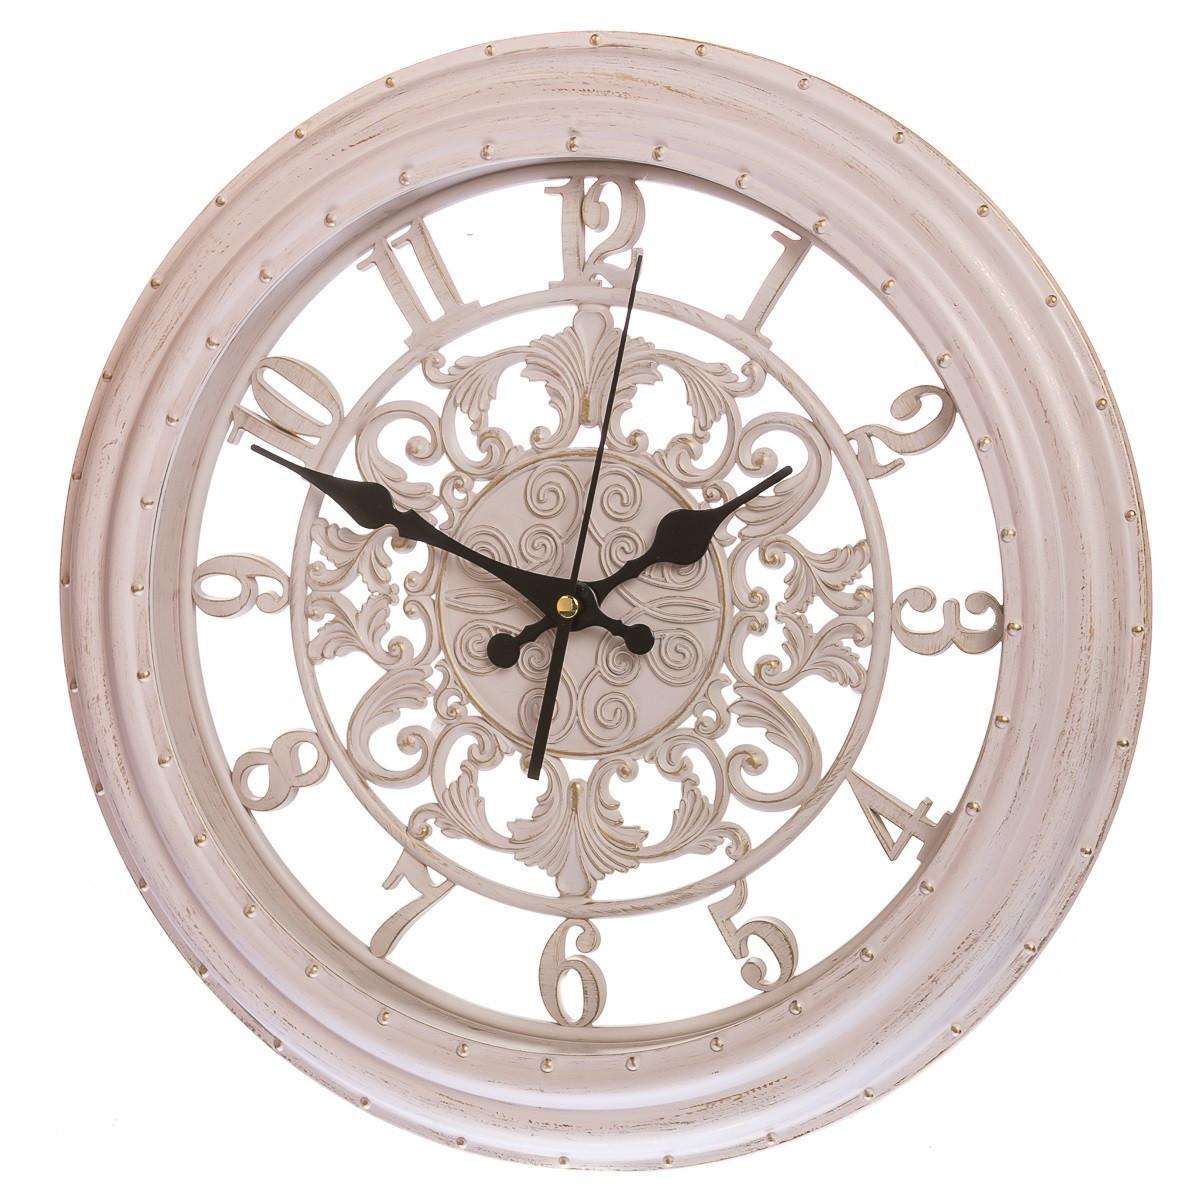 Кварцевые настенные часы 36 см (133A/cream)